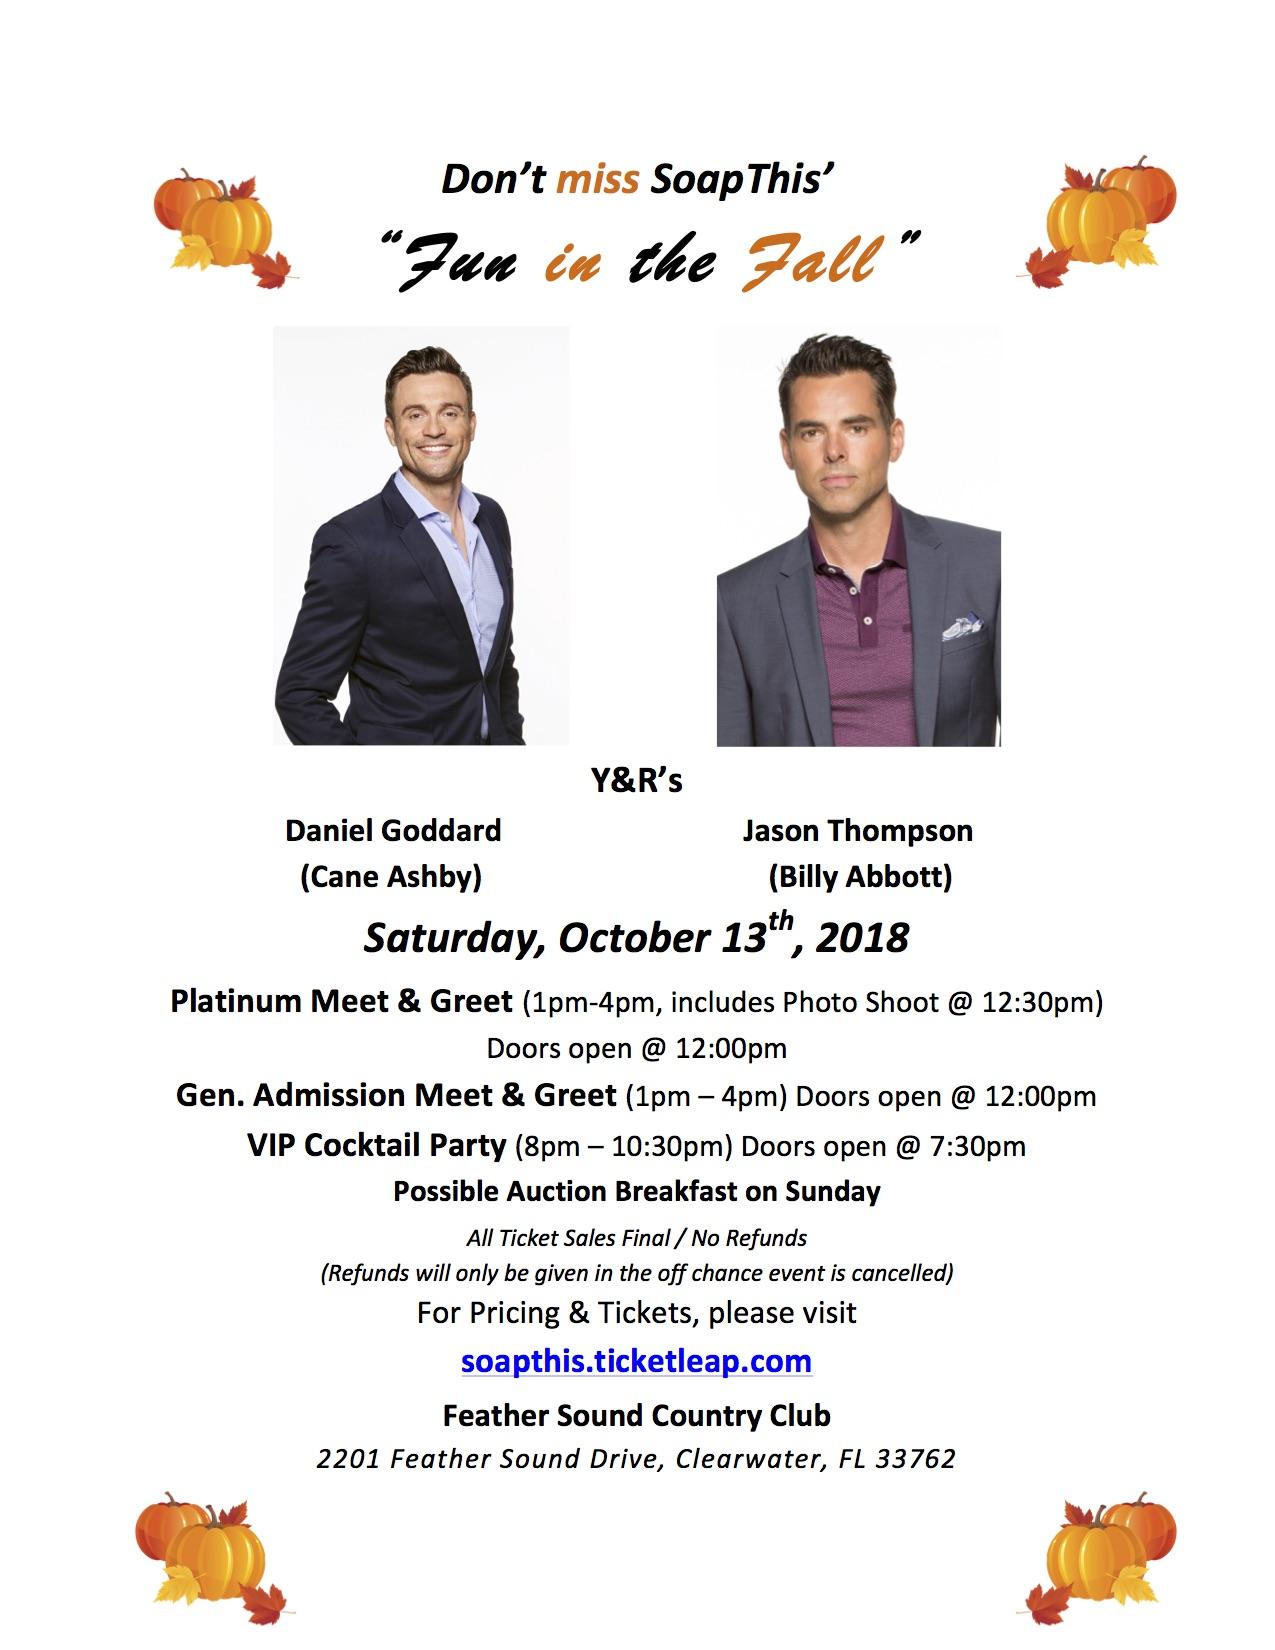 Fun in the Fall Oct 2018